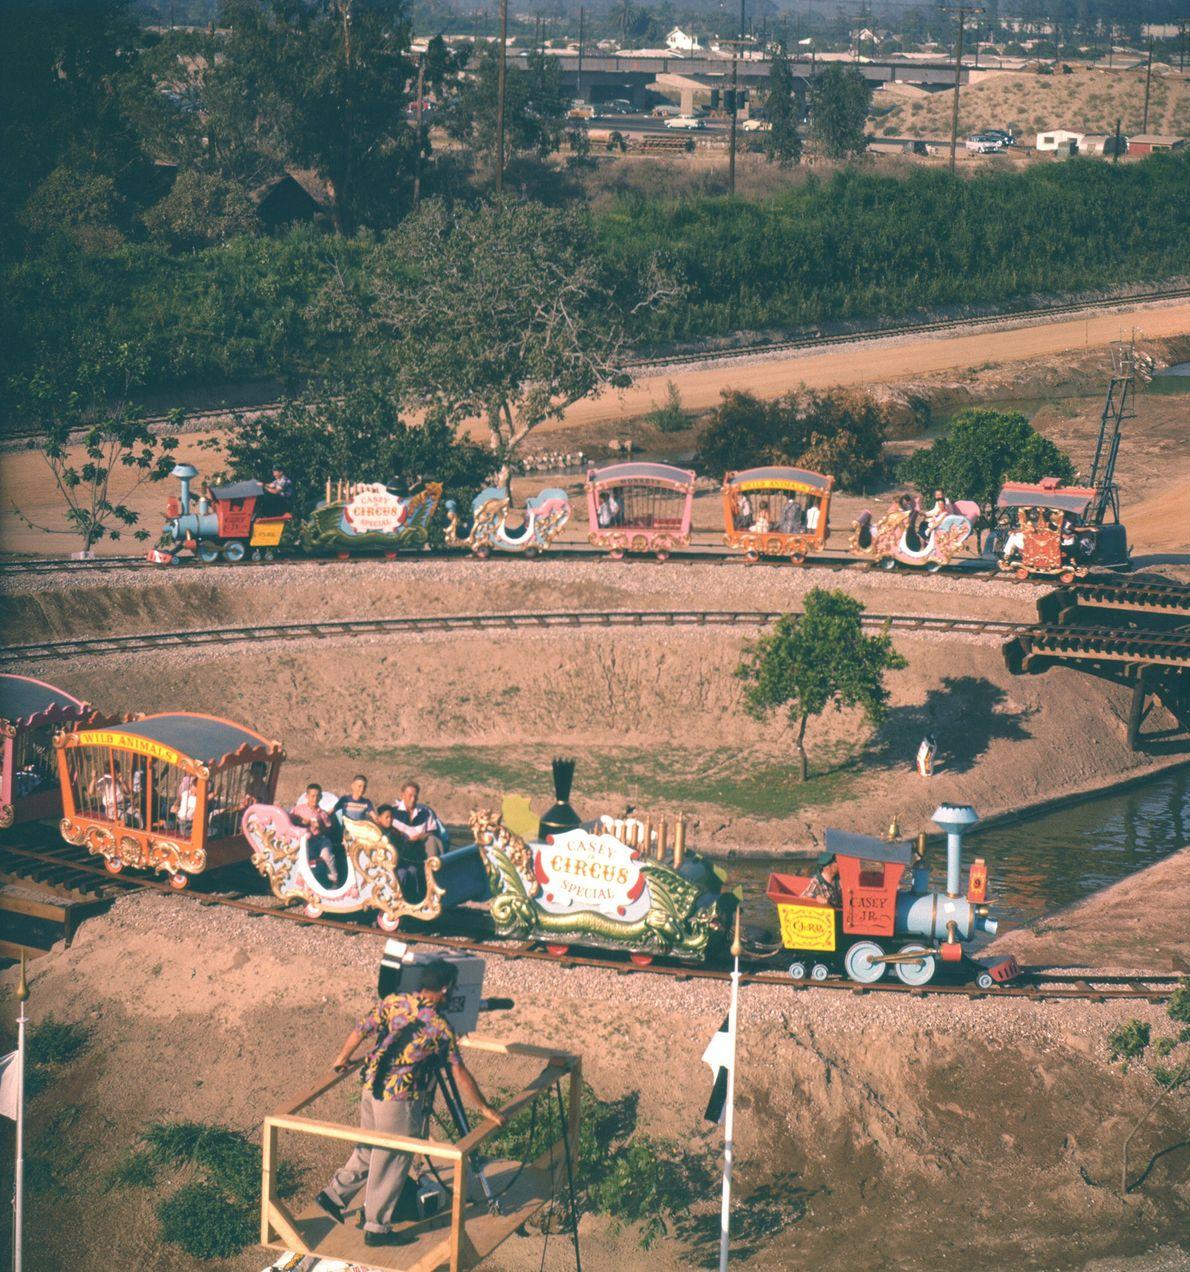 """Das Fahrgeschäft """"Circus Train"""" ist eine exakte Nachbildung des Zugs Casey Jr. aus dem Disneyfilm """"Dumbo""""."""